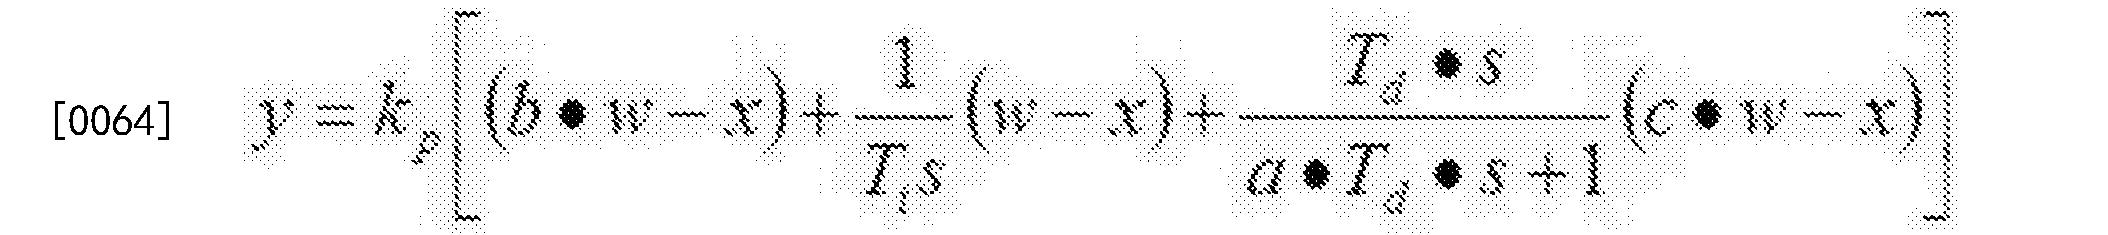 Figure CN106015131BD00111